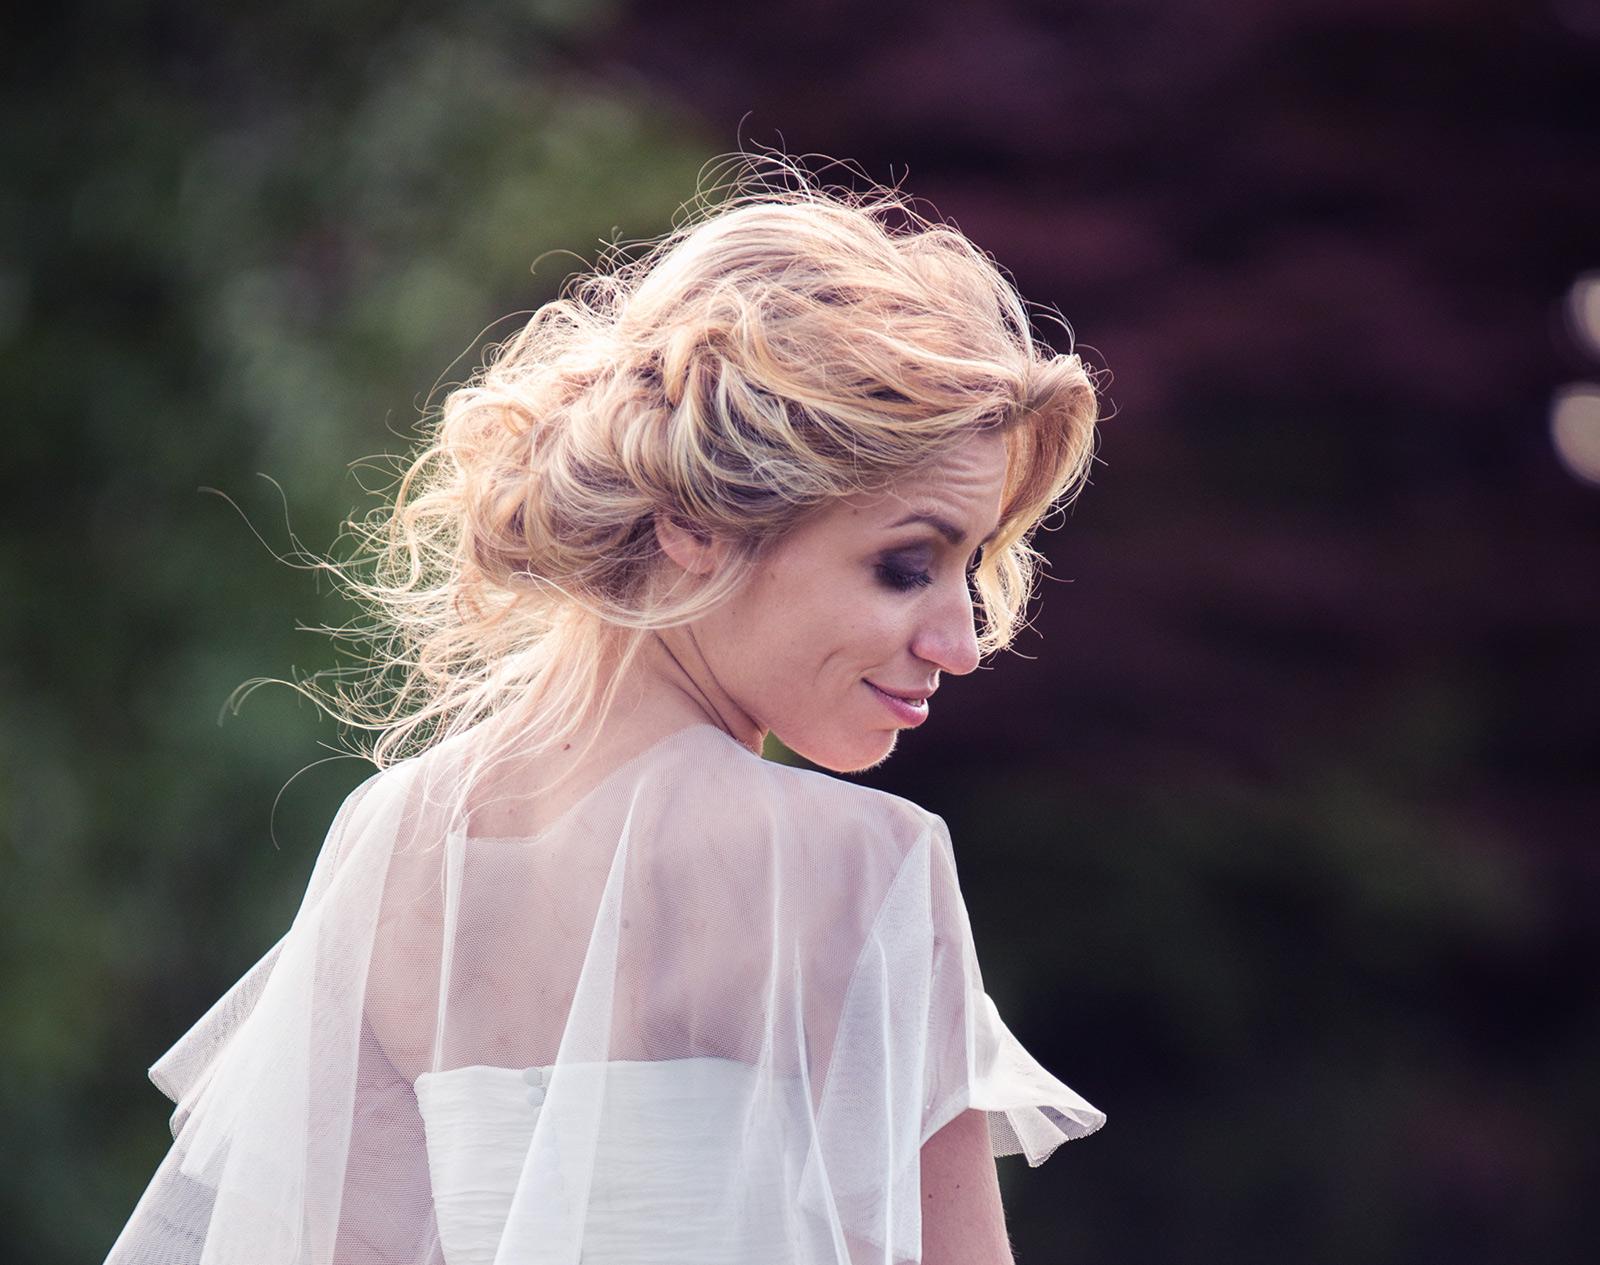 imago-equipe-sebastiano-attardo-concepr-store-deluxe-fashion-beauty-parrucchiere-milano-acconciatura-sposa-001